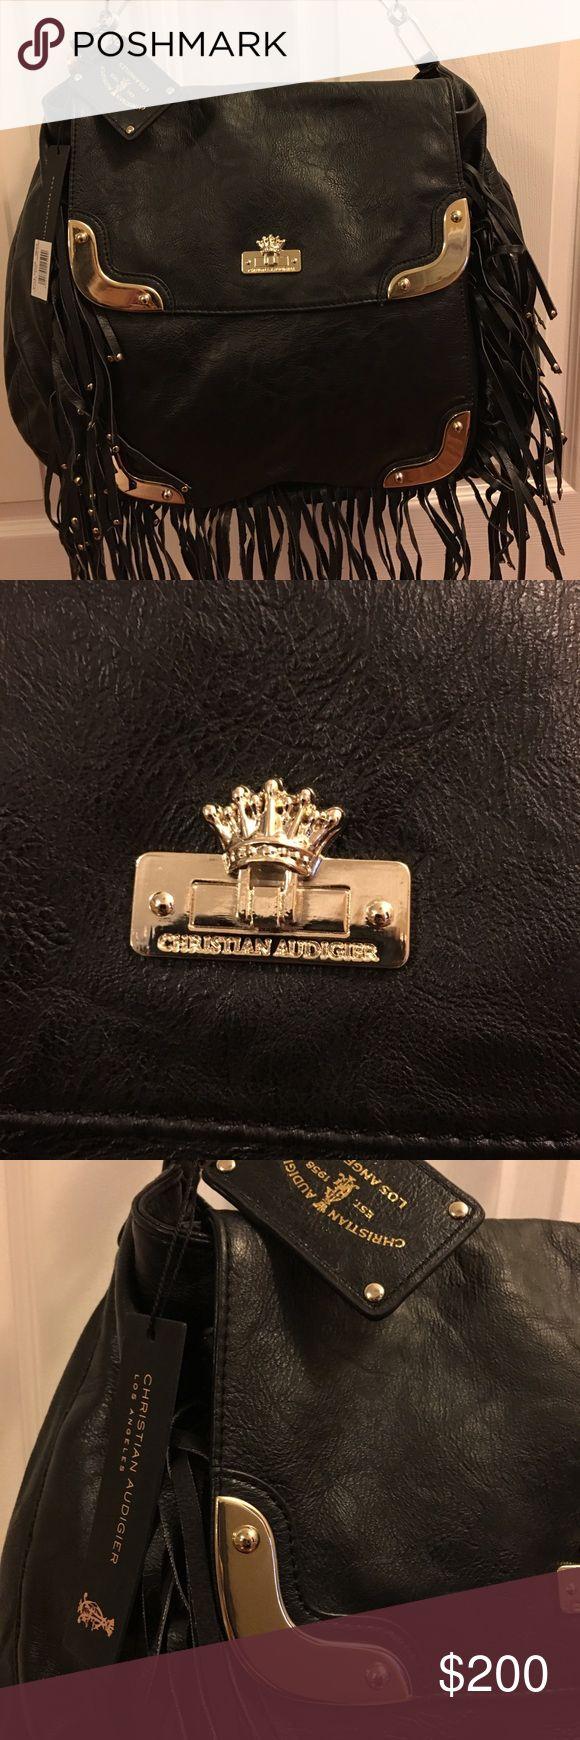 Christian Audigier Bag Brand New Christian Audigier Bag Christian Audigier Bags